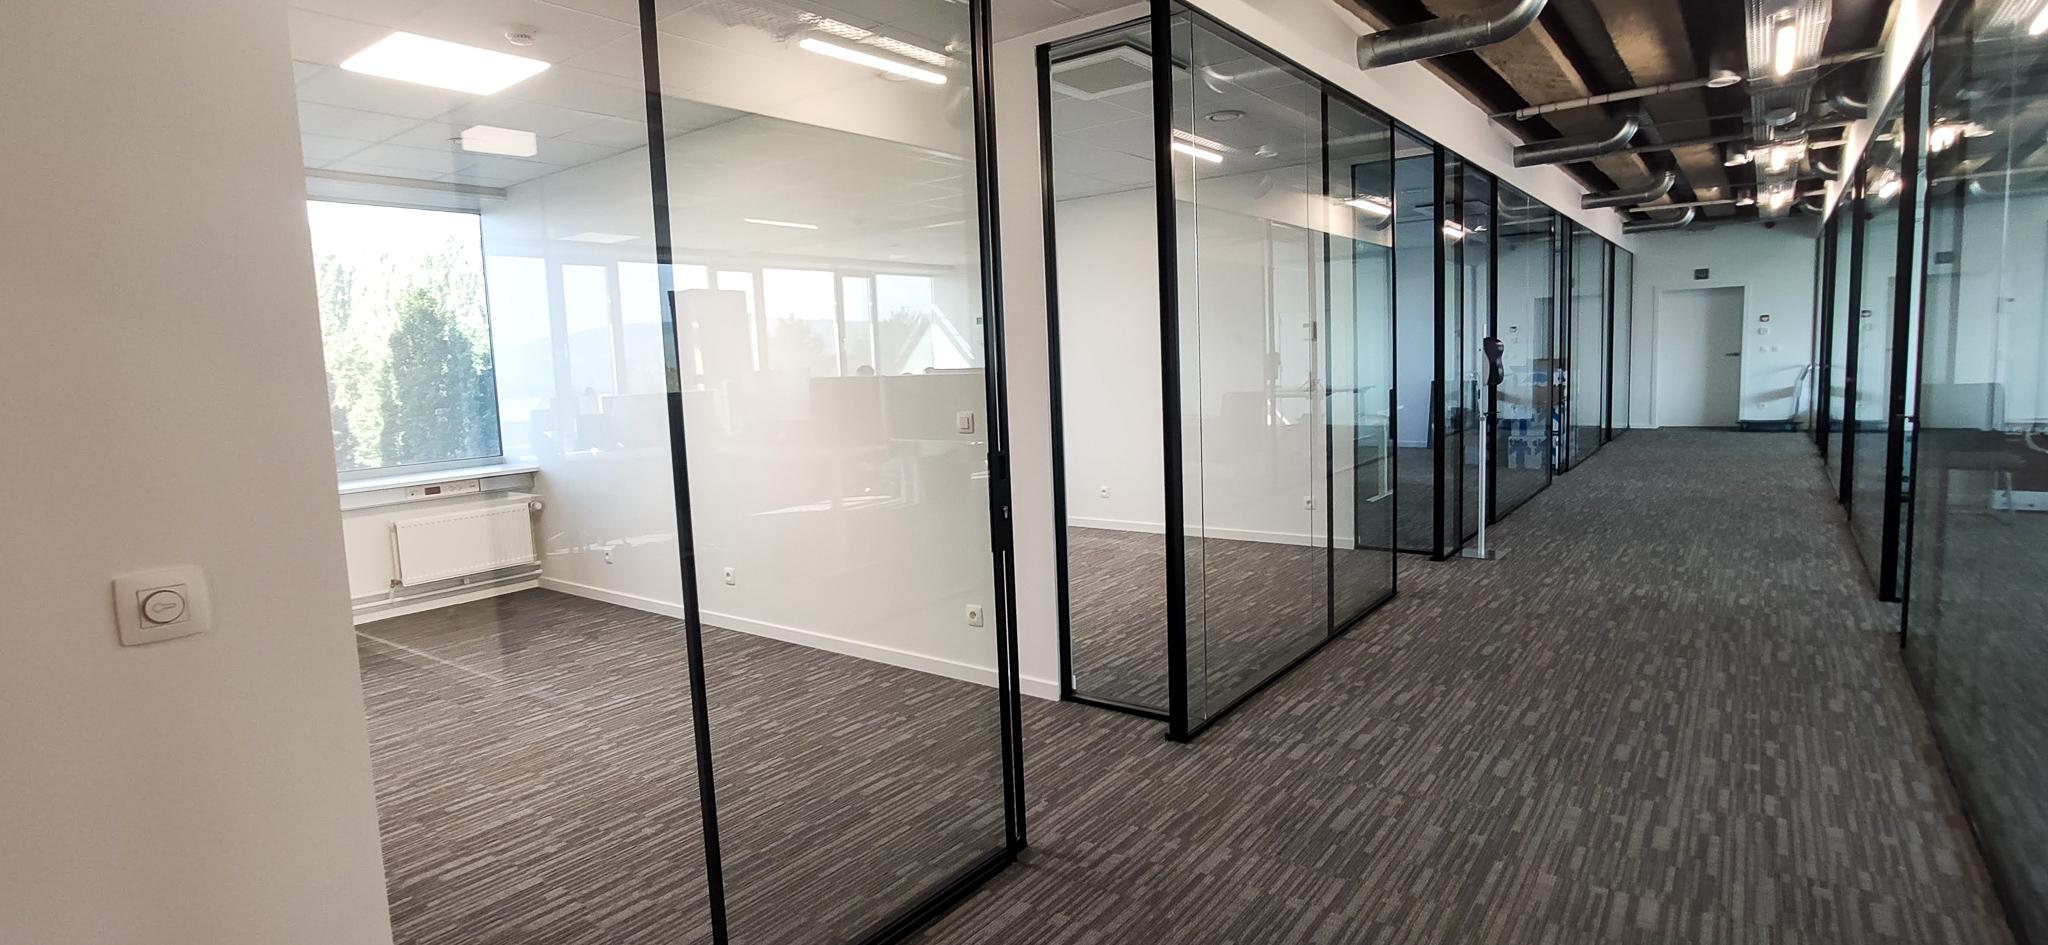 kantoorruimte ronse